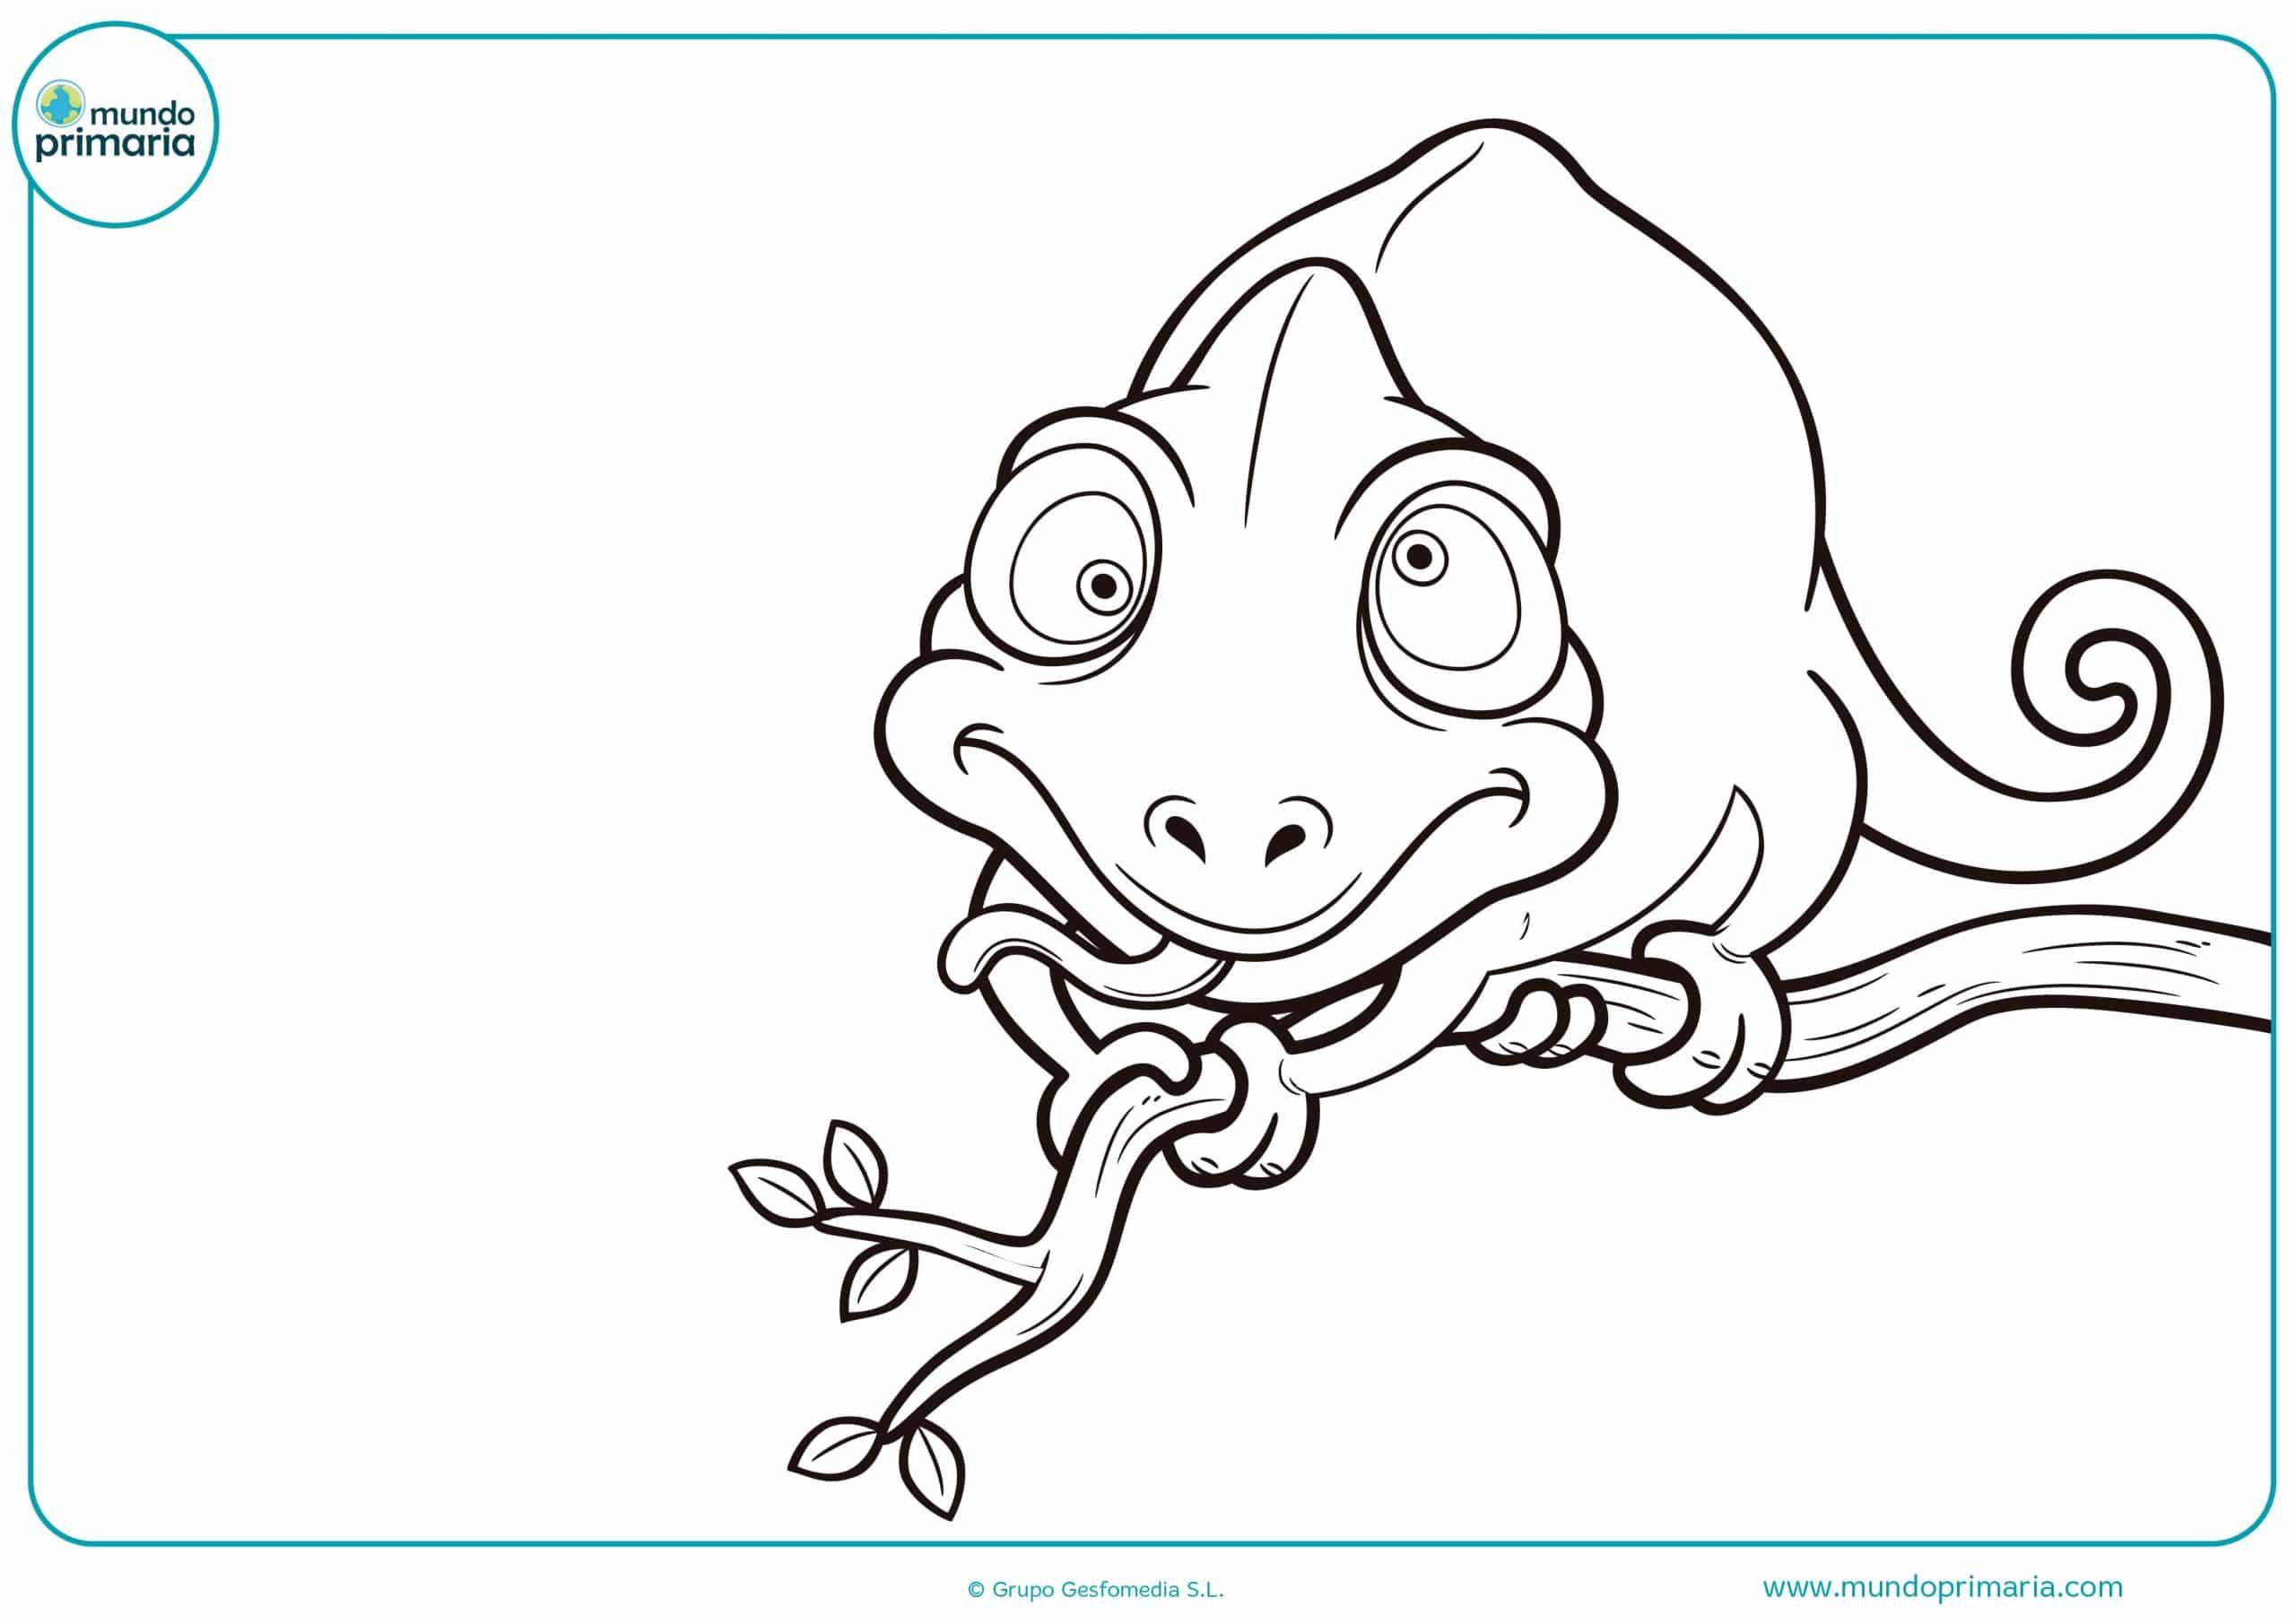 Dibujos Para Colorear En Linea: Dibujos De Animales De La Selva Para Colorear